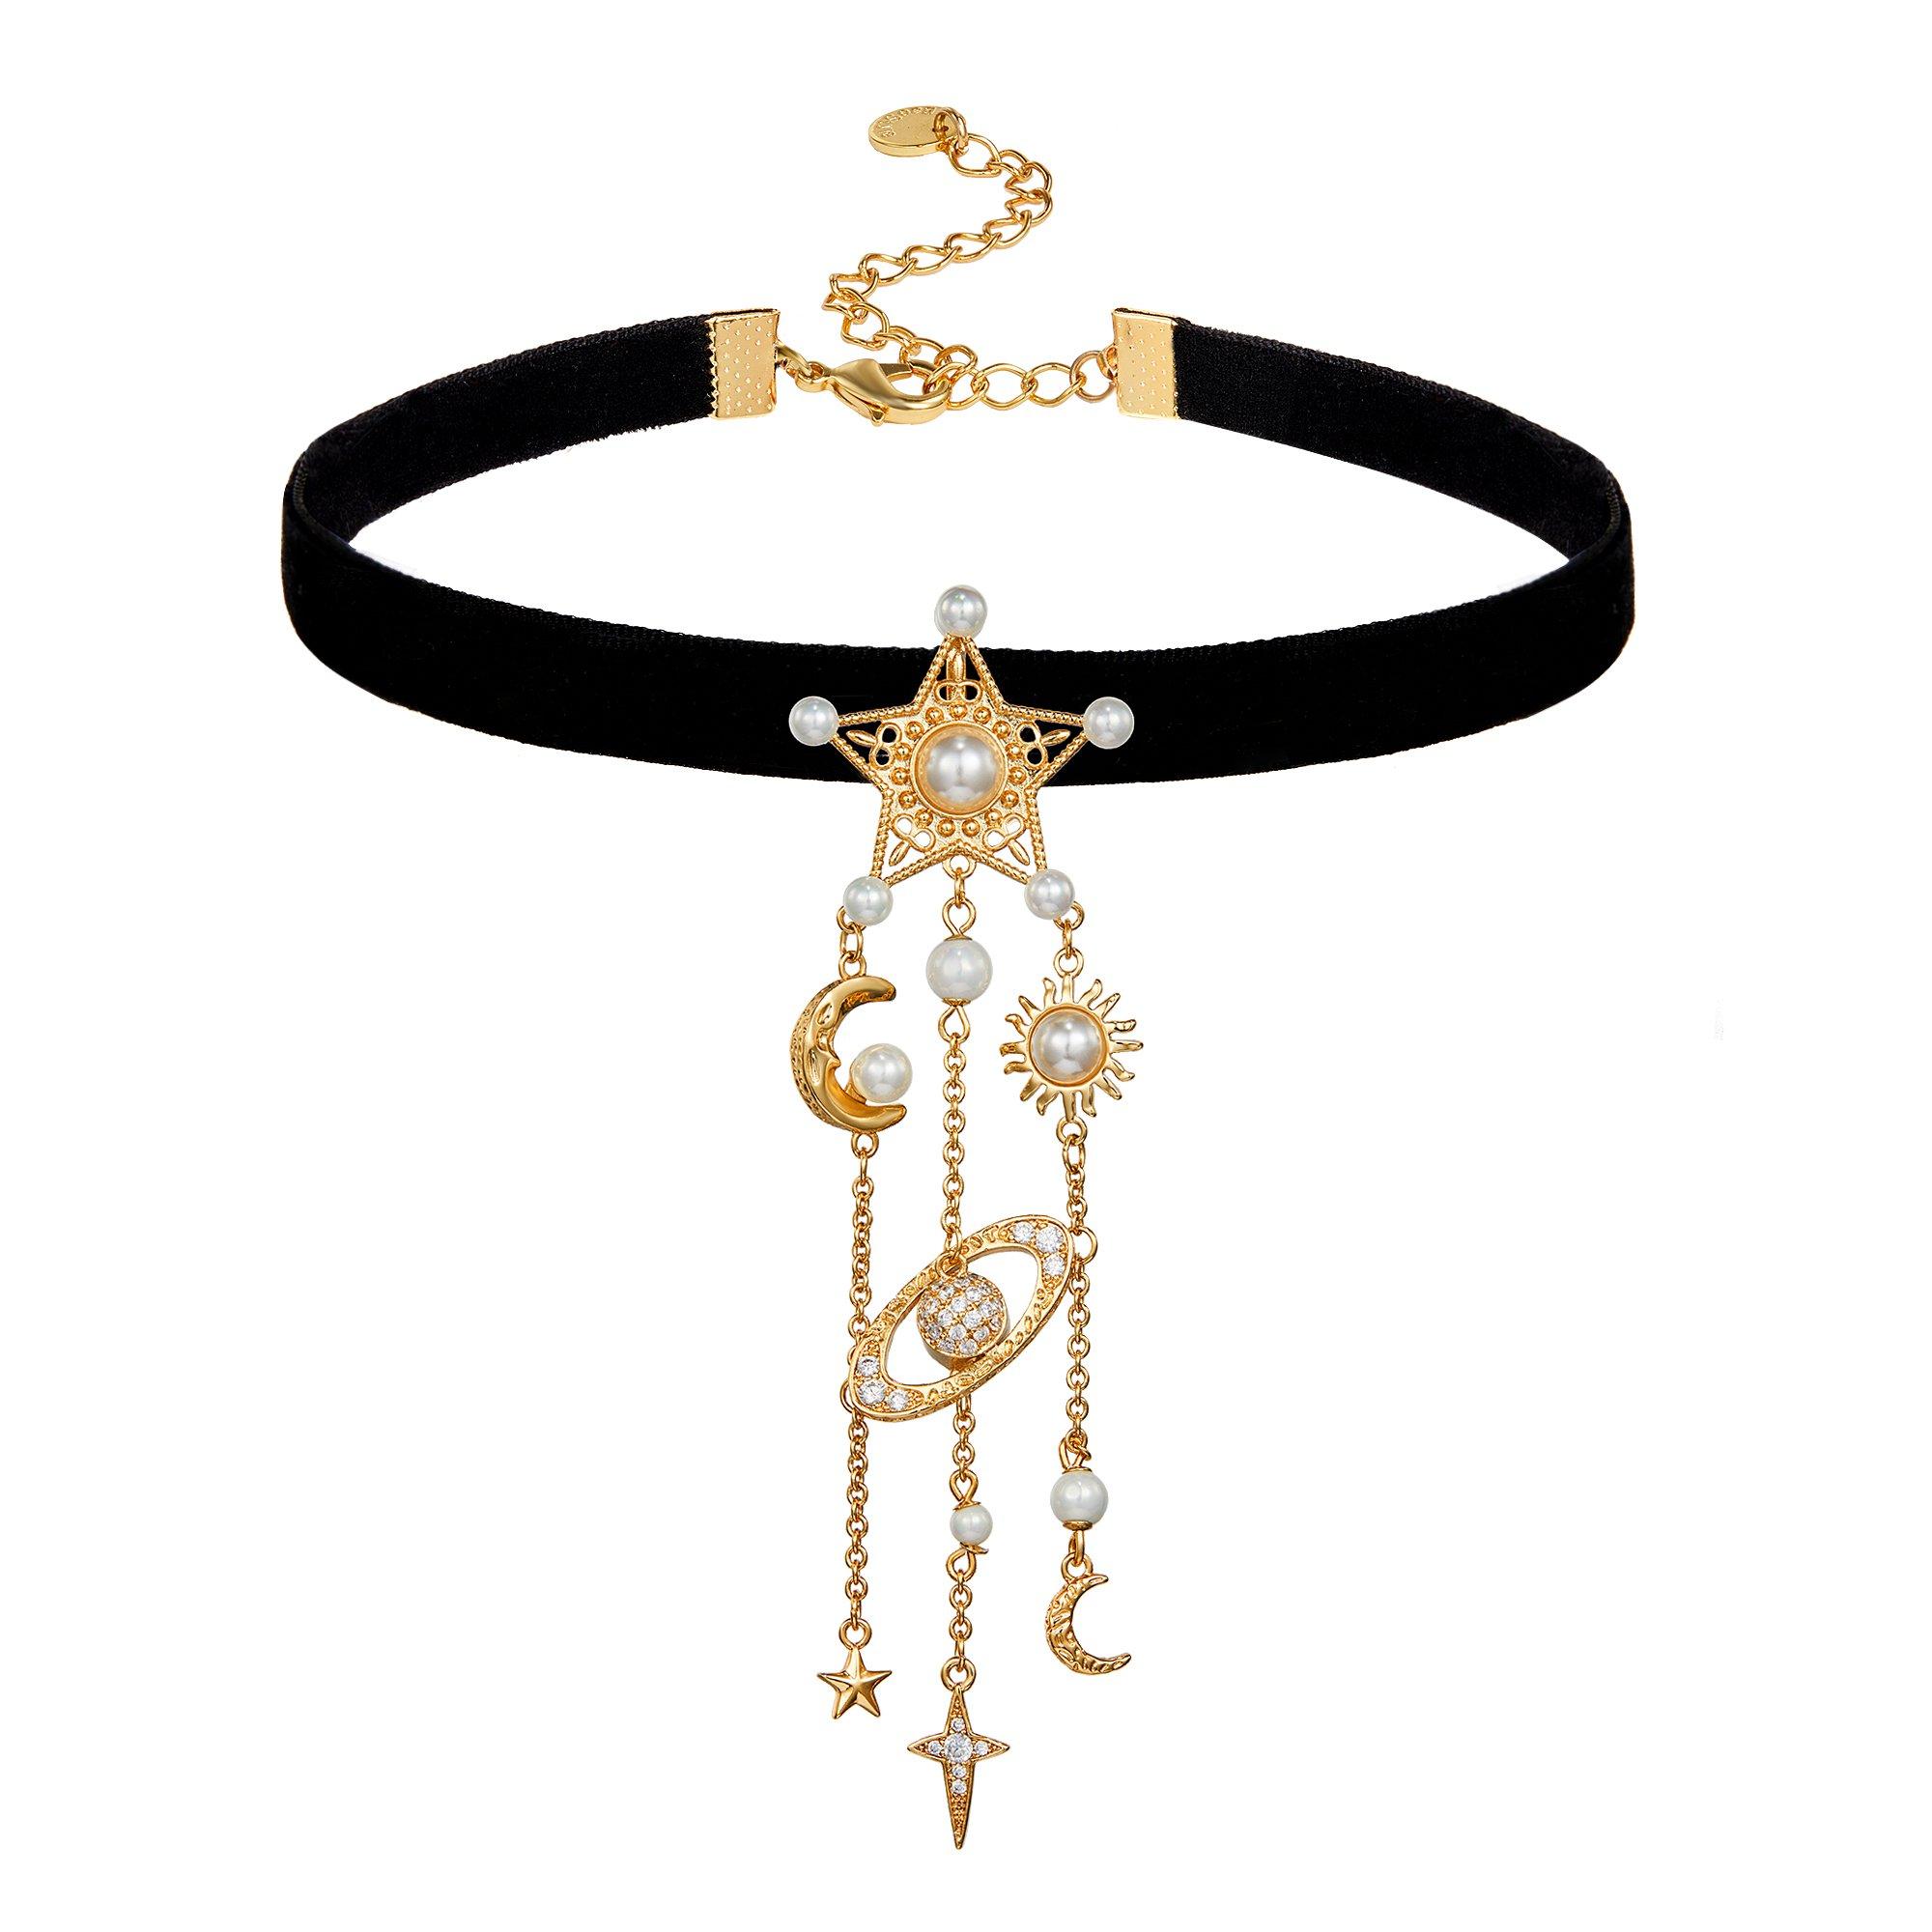 Black Velvet Choker Necklace Pearl Star Crescent Moon Sun Rhinestone Ball Ribbon Choker Necklace for Women Girls